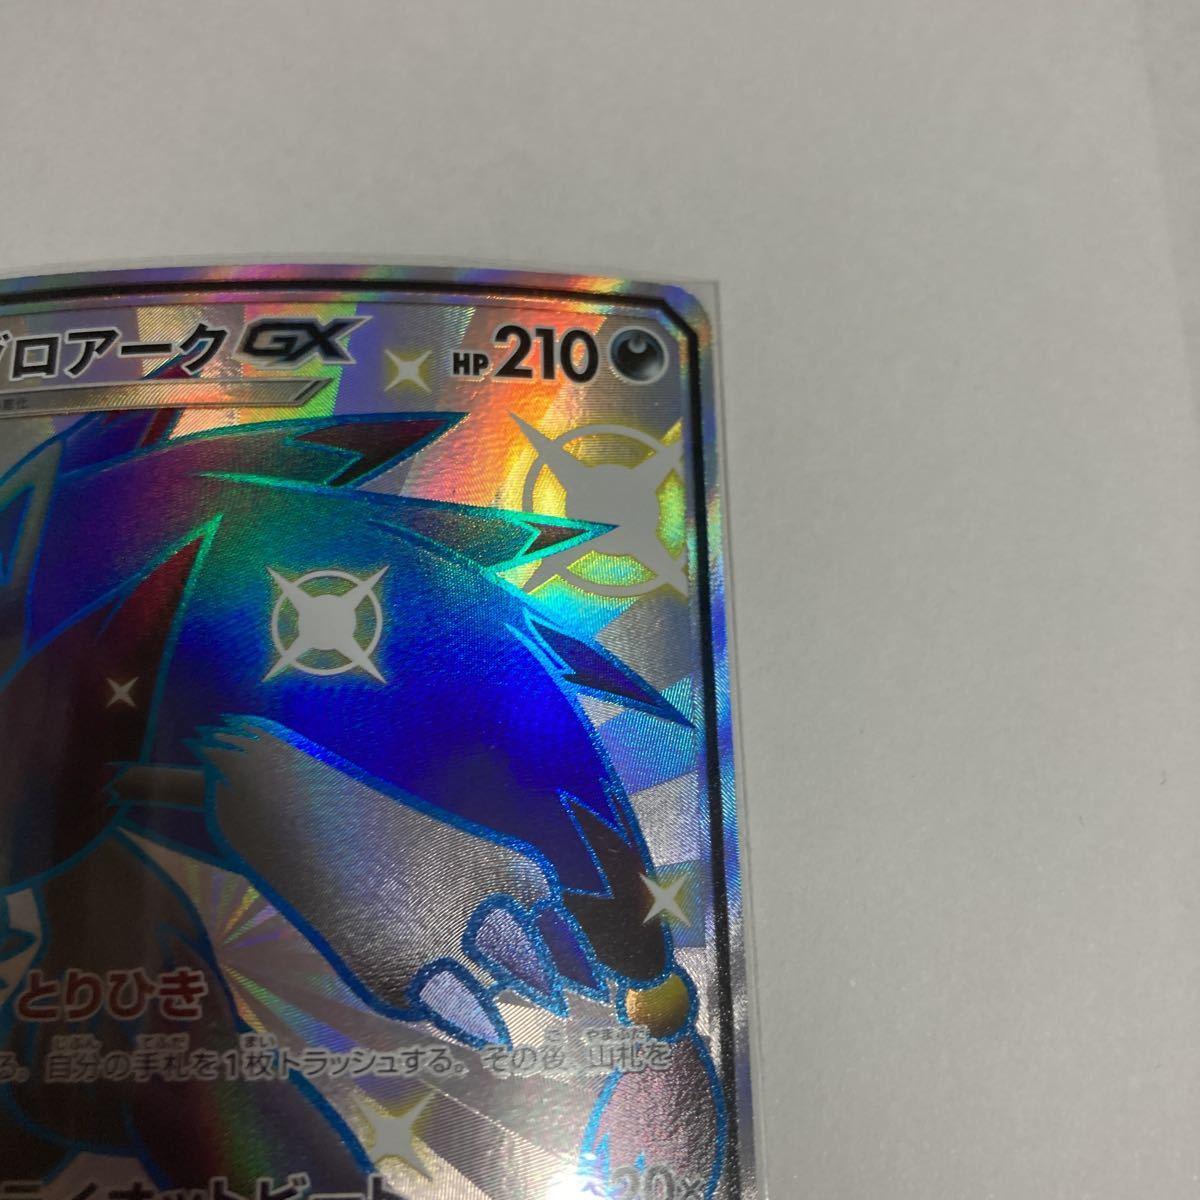 ゾロアークGX SSR 色違い ポケモンカードゲーム ポケカ GXウルトラシャイニー とりひき ライオットビート トリックスターGX sm8b 231/150_画像3